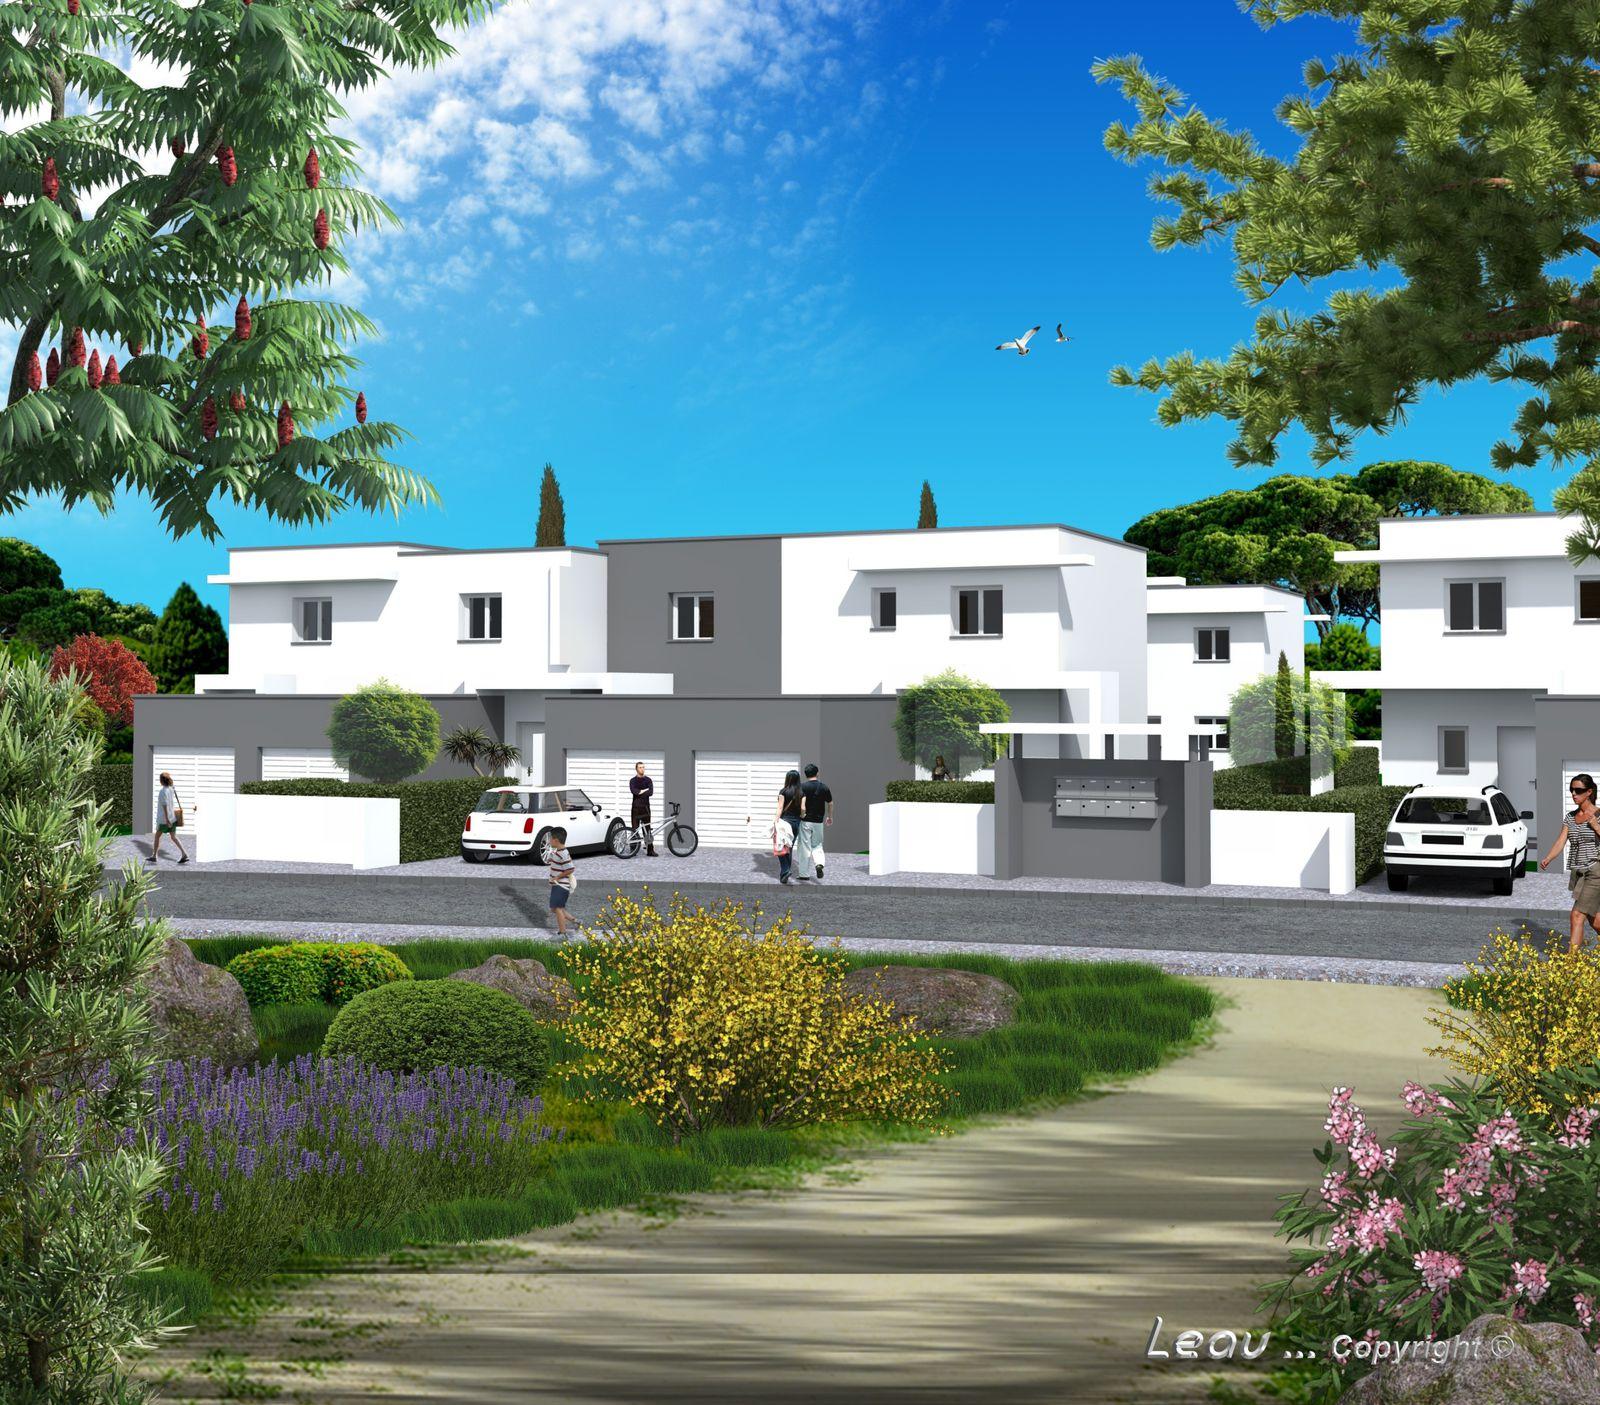 groupement de 16 logements au grau d 39 agde l c style quelques travaux. Black Bedroom Furniture Sets. Home Design Ideas